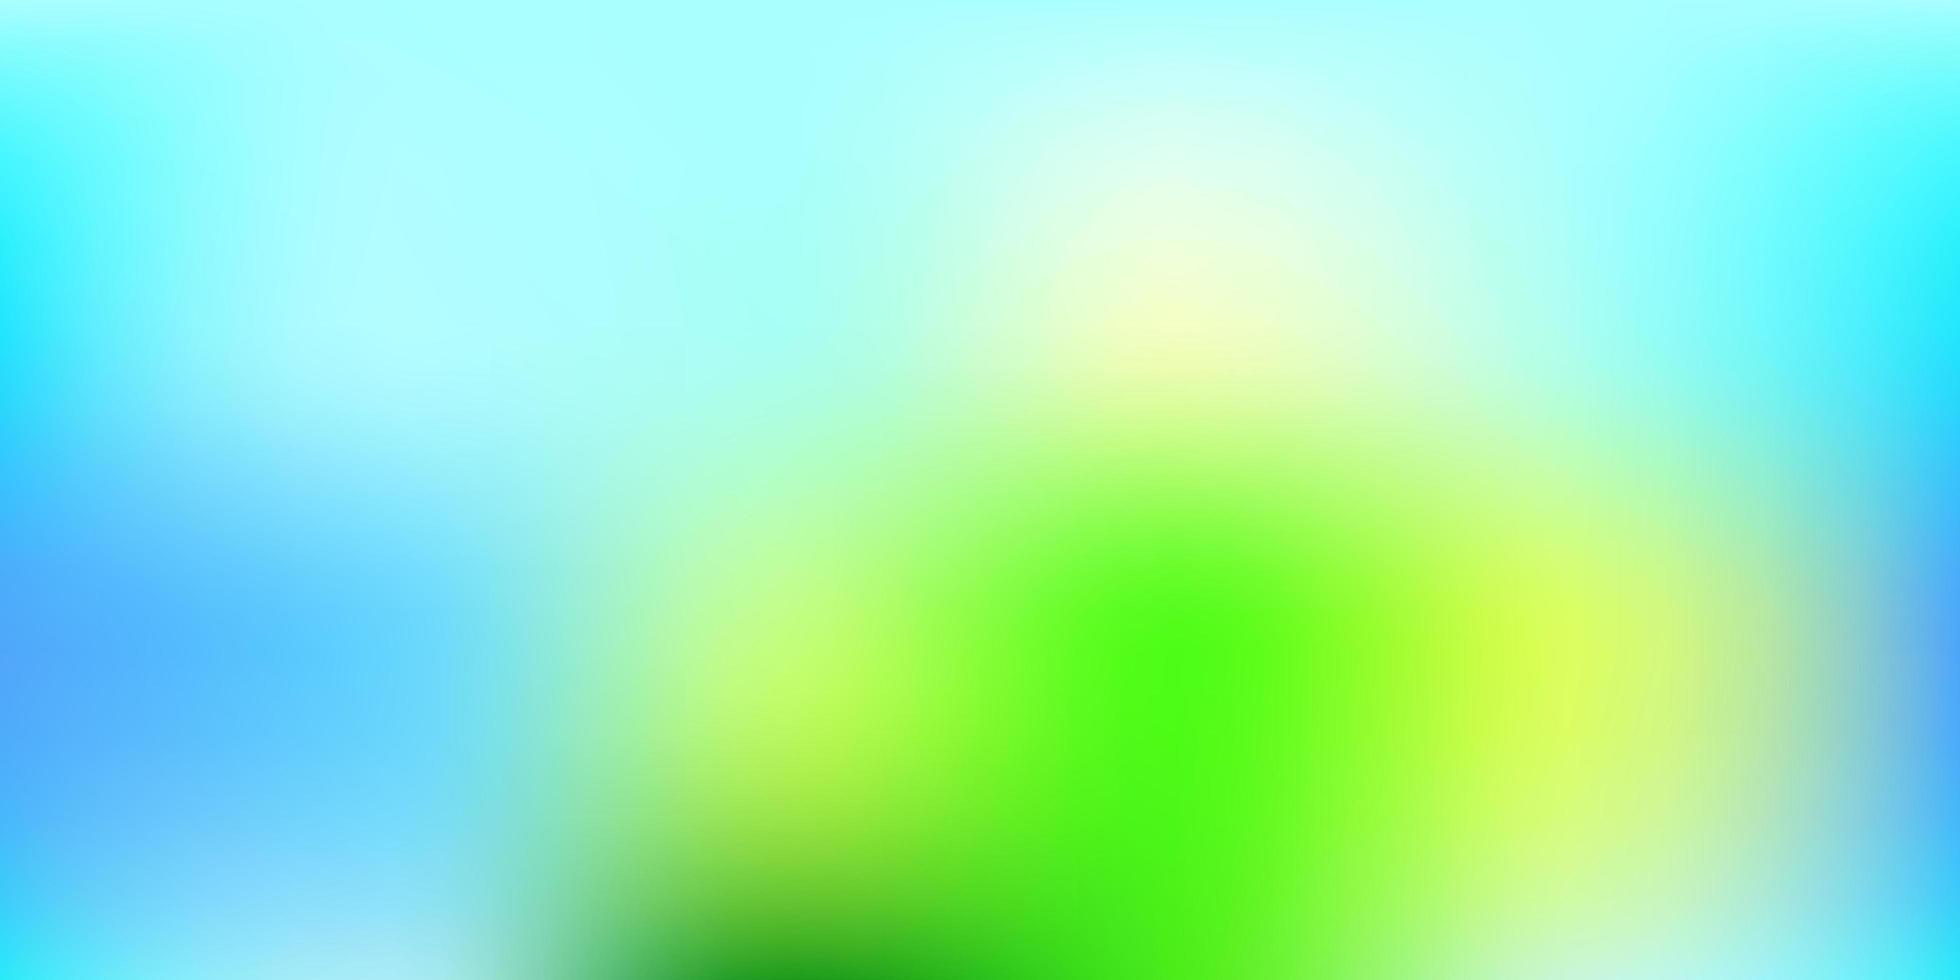 fundo desfocado azul claro, verde. vetor